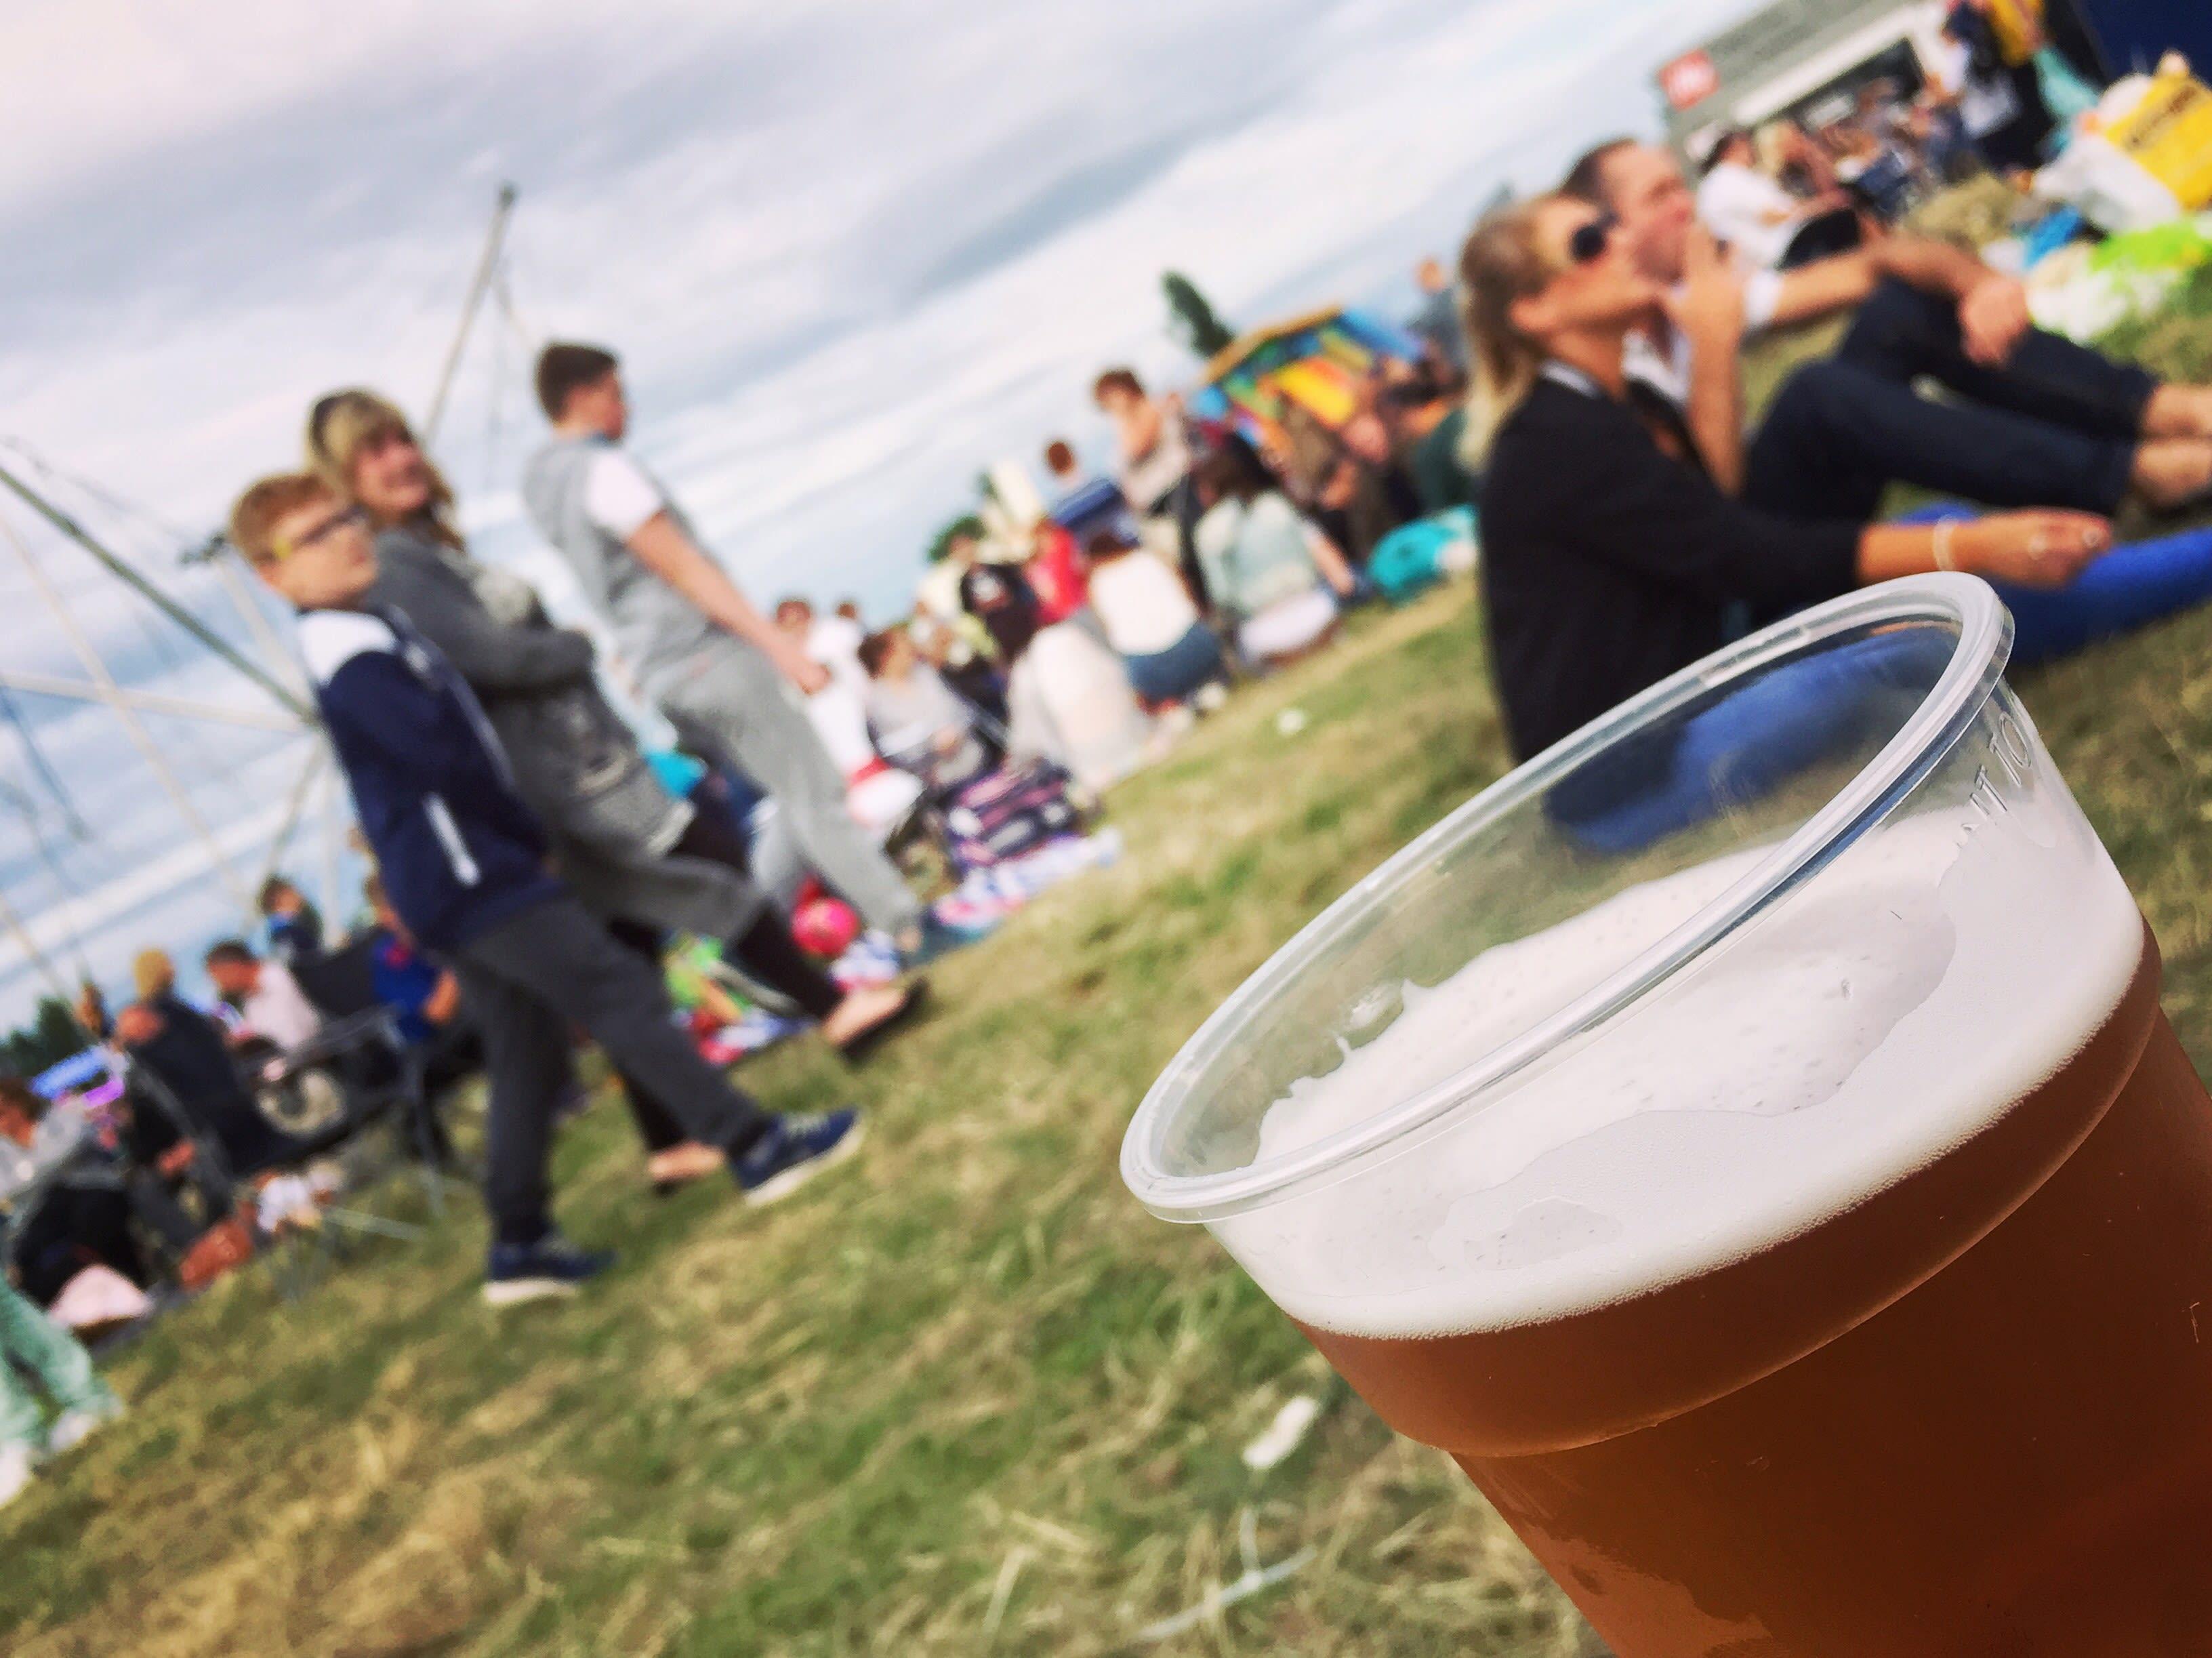 在英國,不論園遊會或看電影,隨時都可以喝上一杯啤酒。